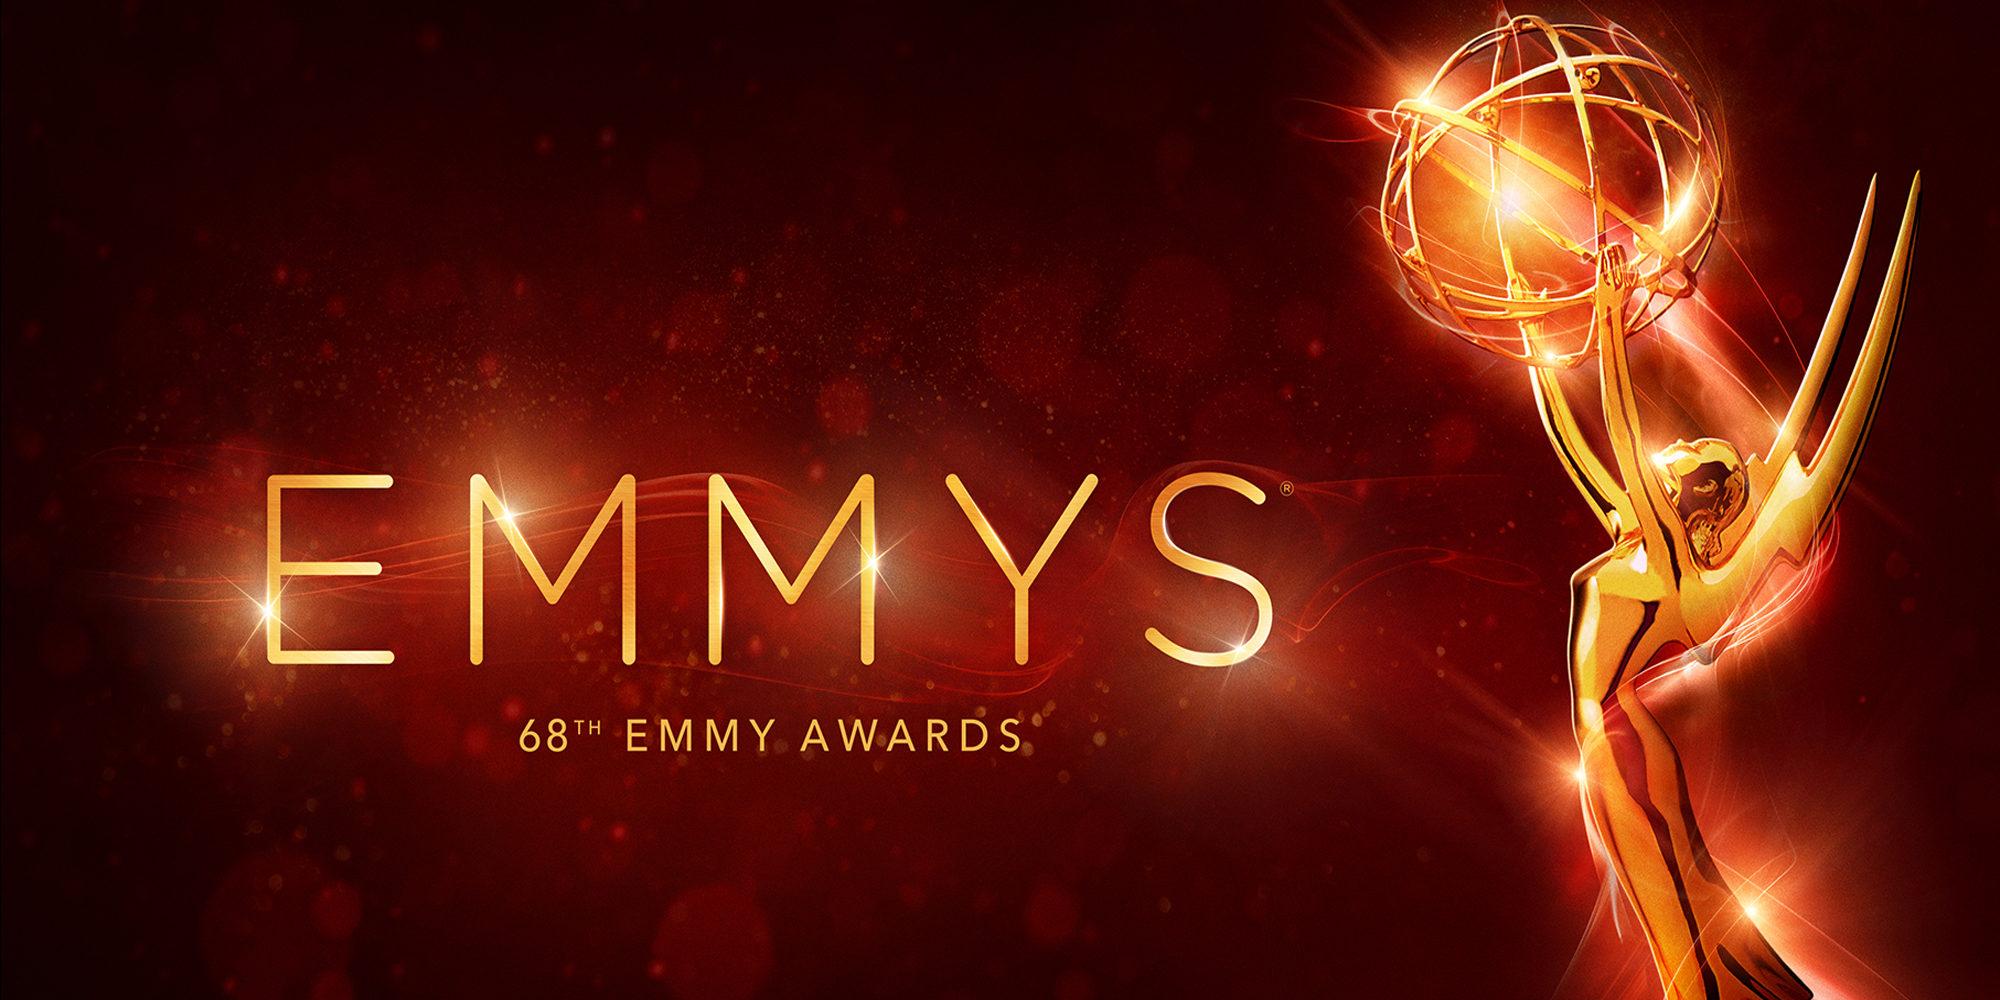 Premios Emmy 2016: Favoritos y máximos candidatos